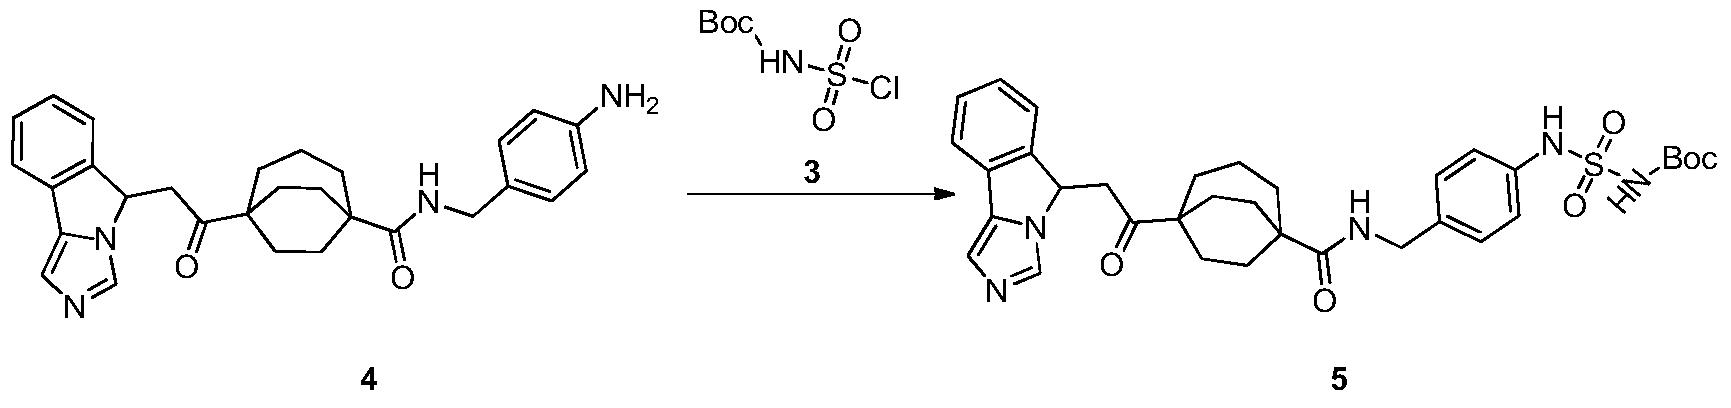 Figure PCTCN2017084604-appb-000147